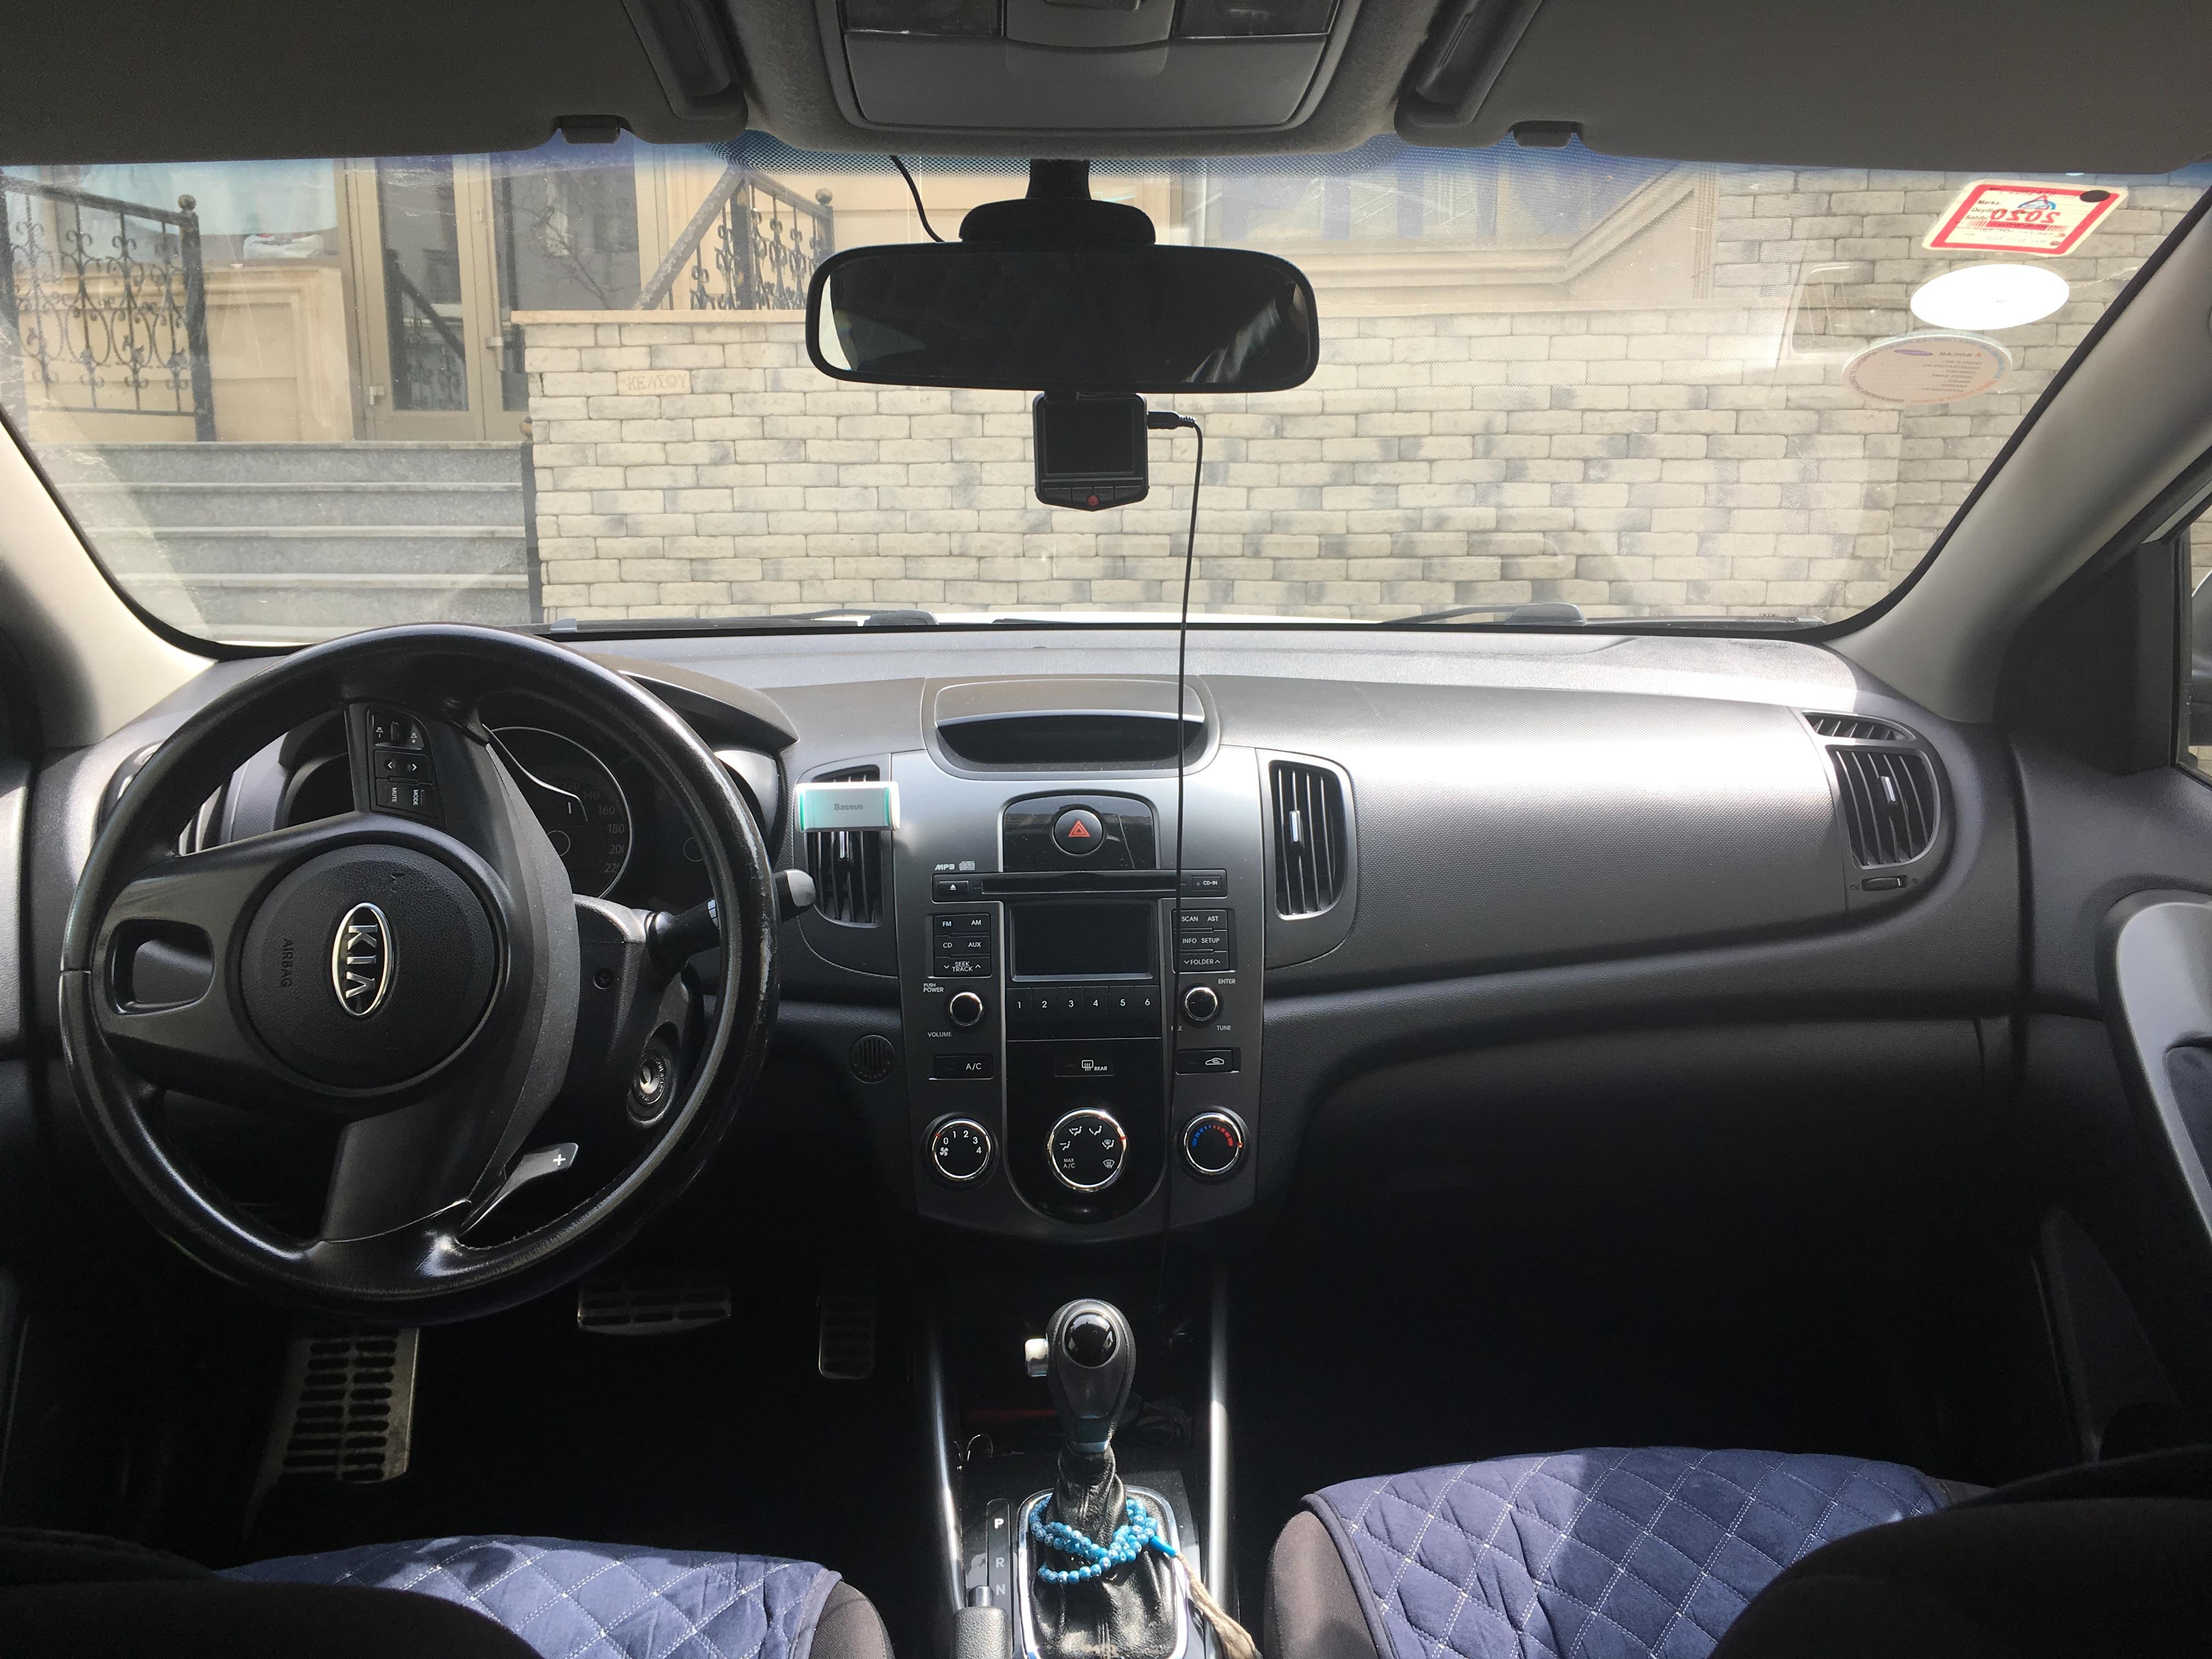 Kia Cerato 1.6(lt) 2011 Подержанный  $9900